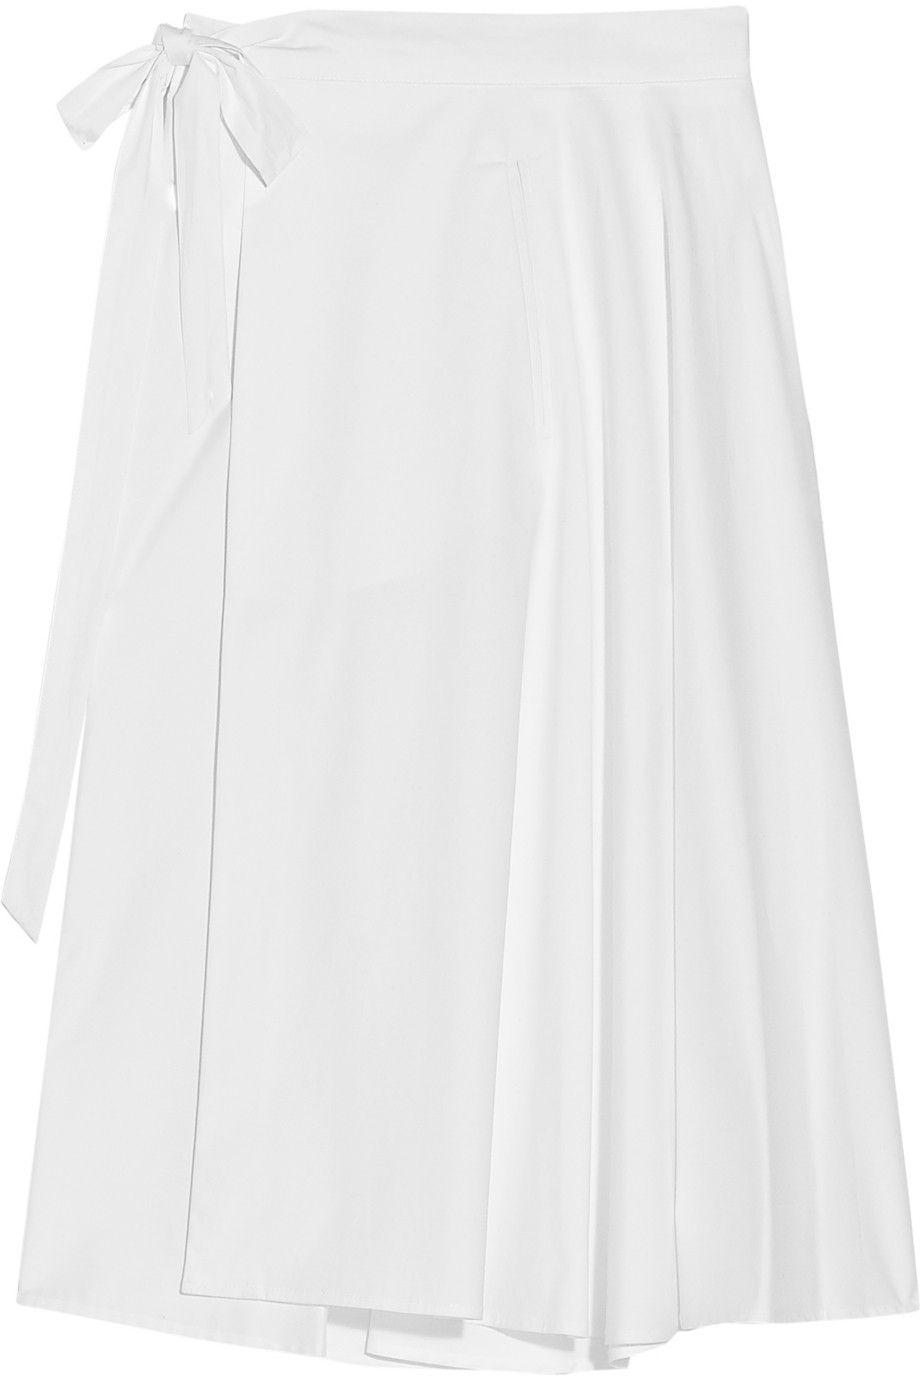 CLEMENSENAUGUST Cotton wrap skirt 14375 via theoutnet nuevos